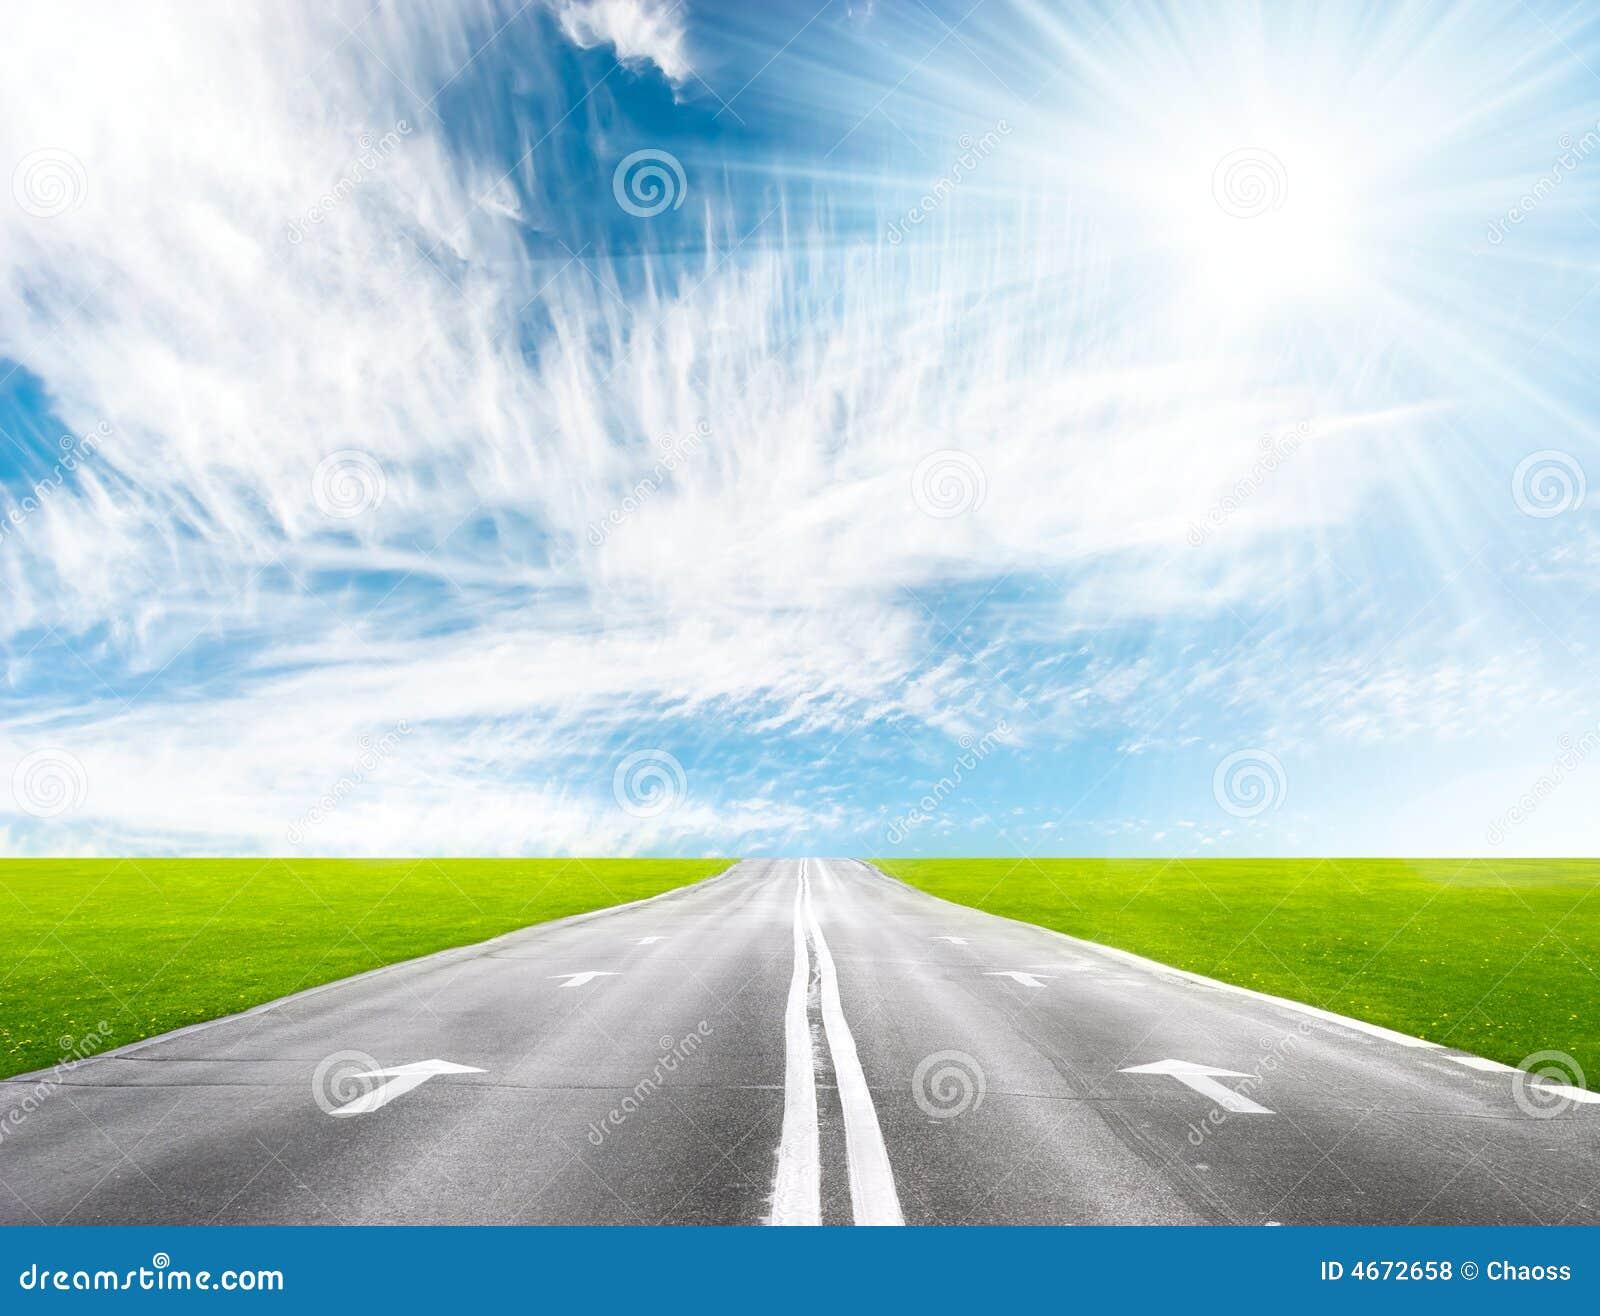 Perspectiva del camino